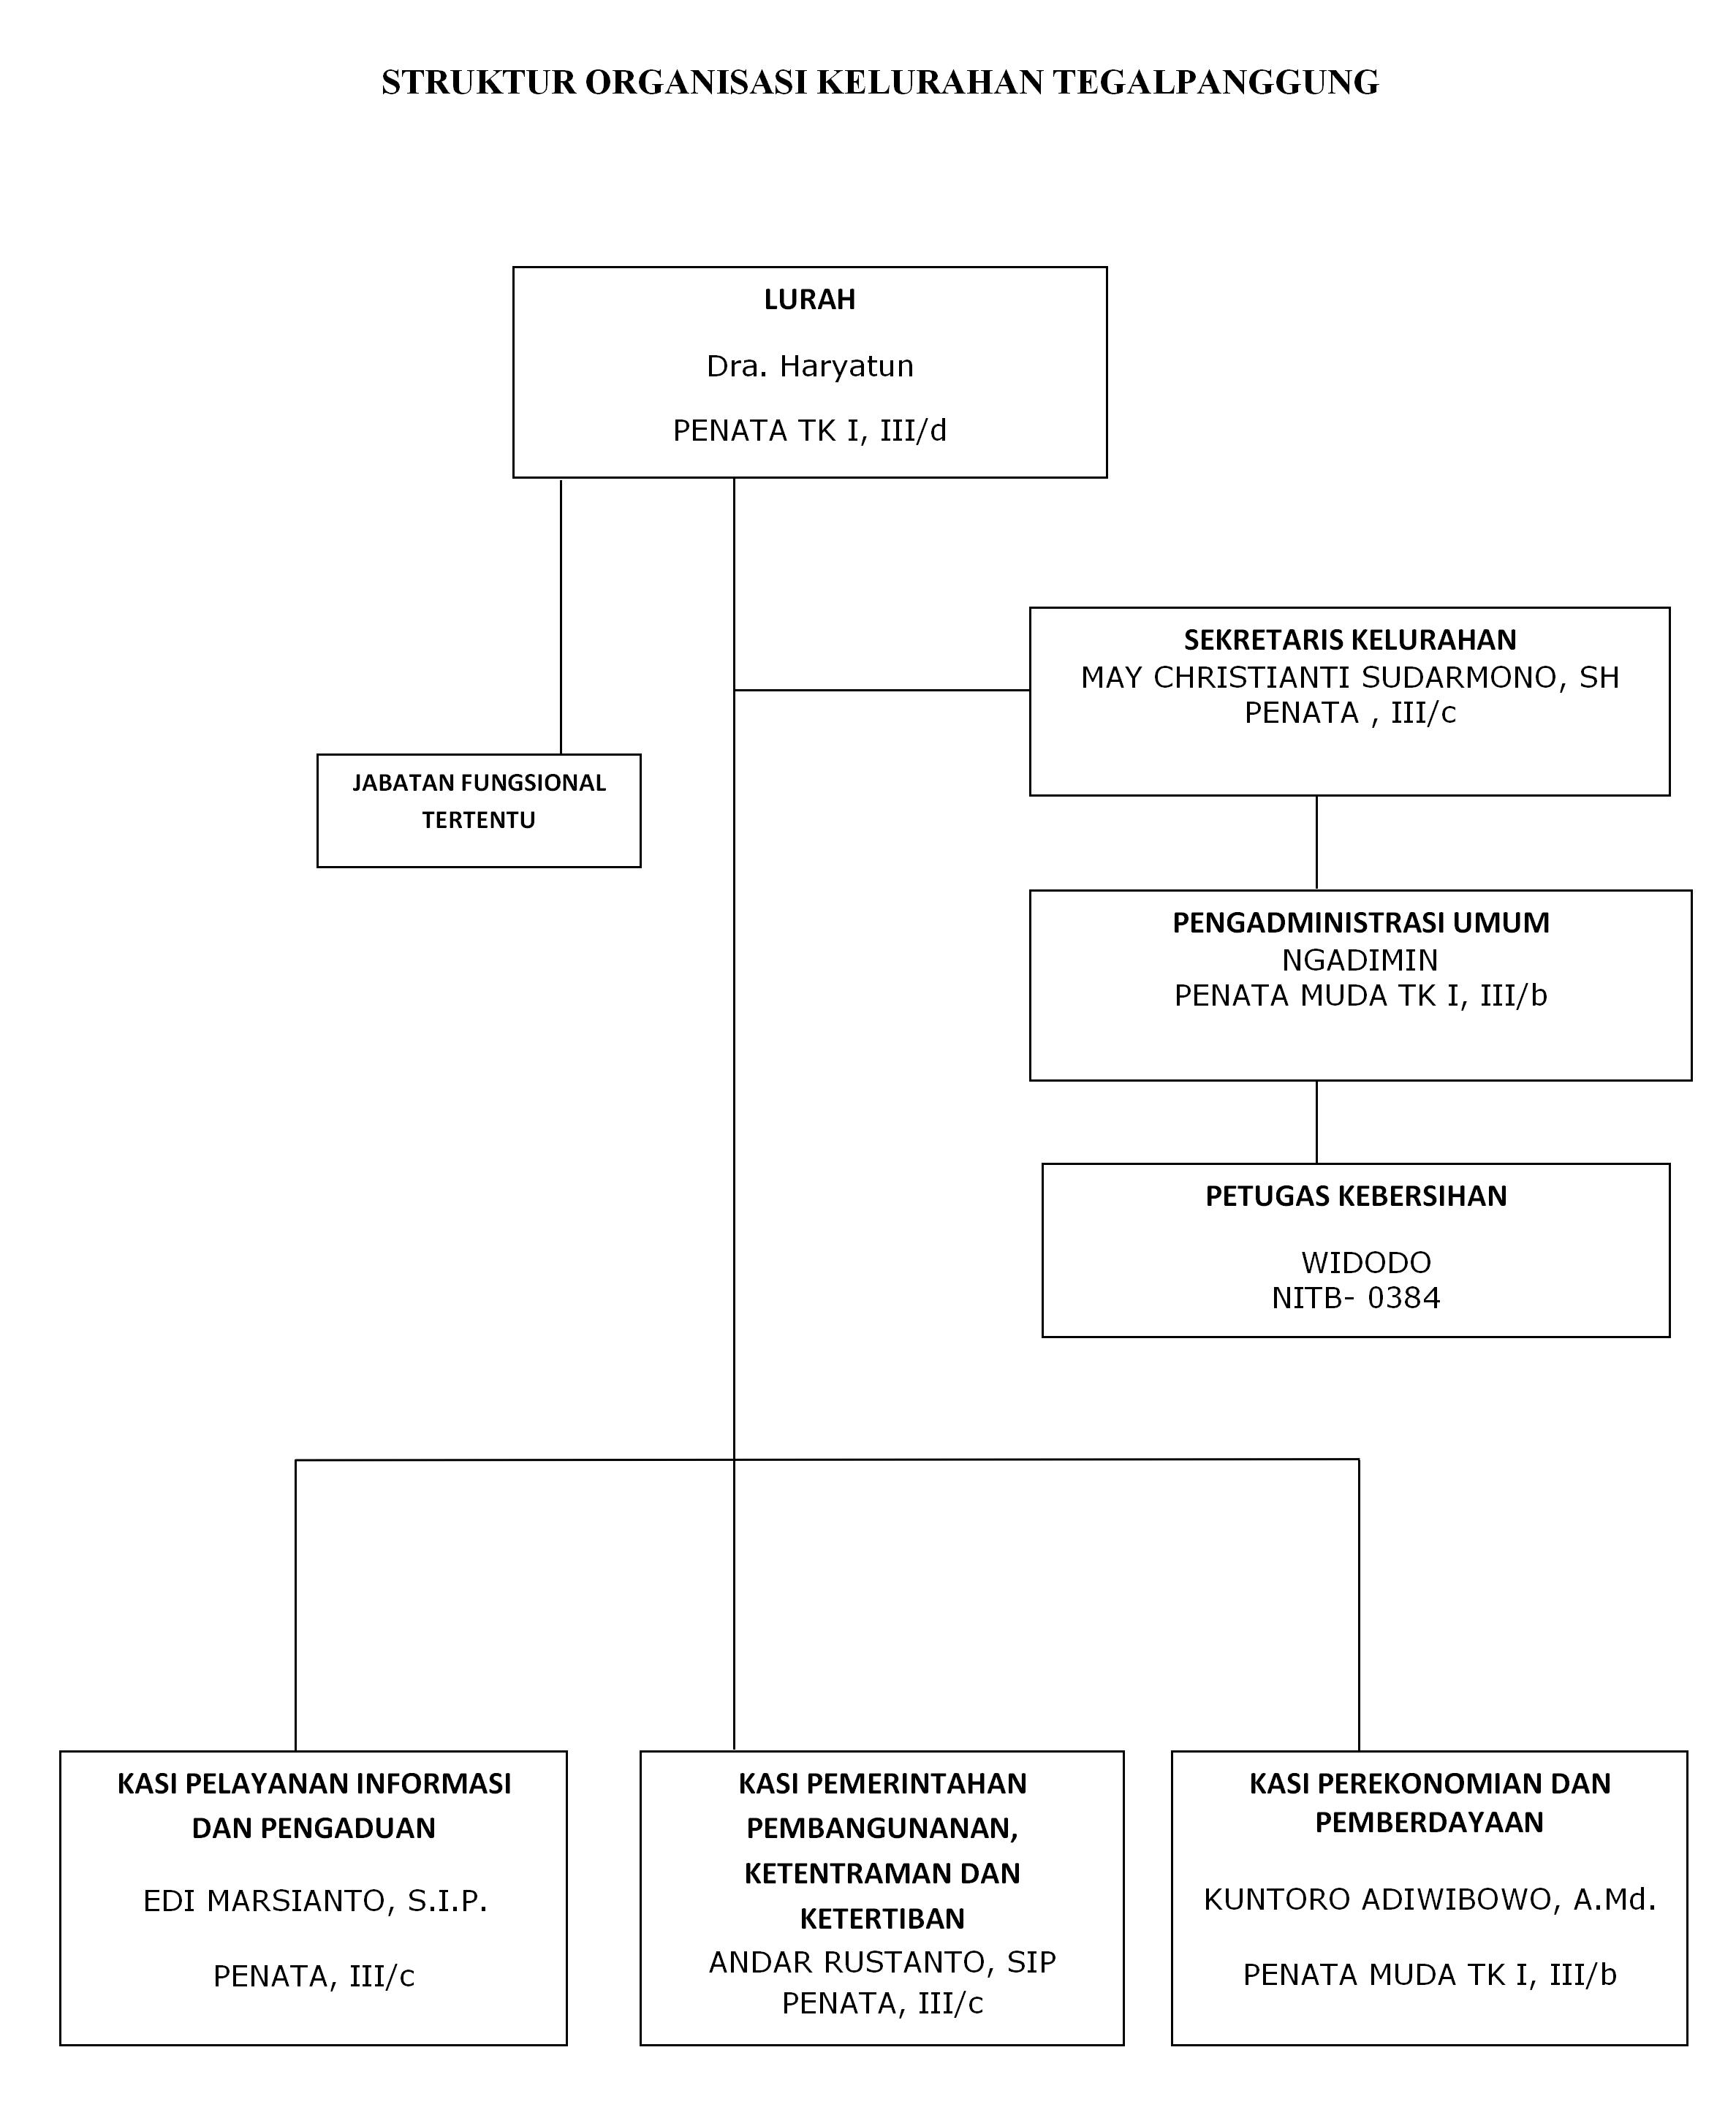 Struktur Organisasi Kel. Tegalpanggung